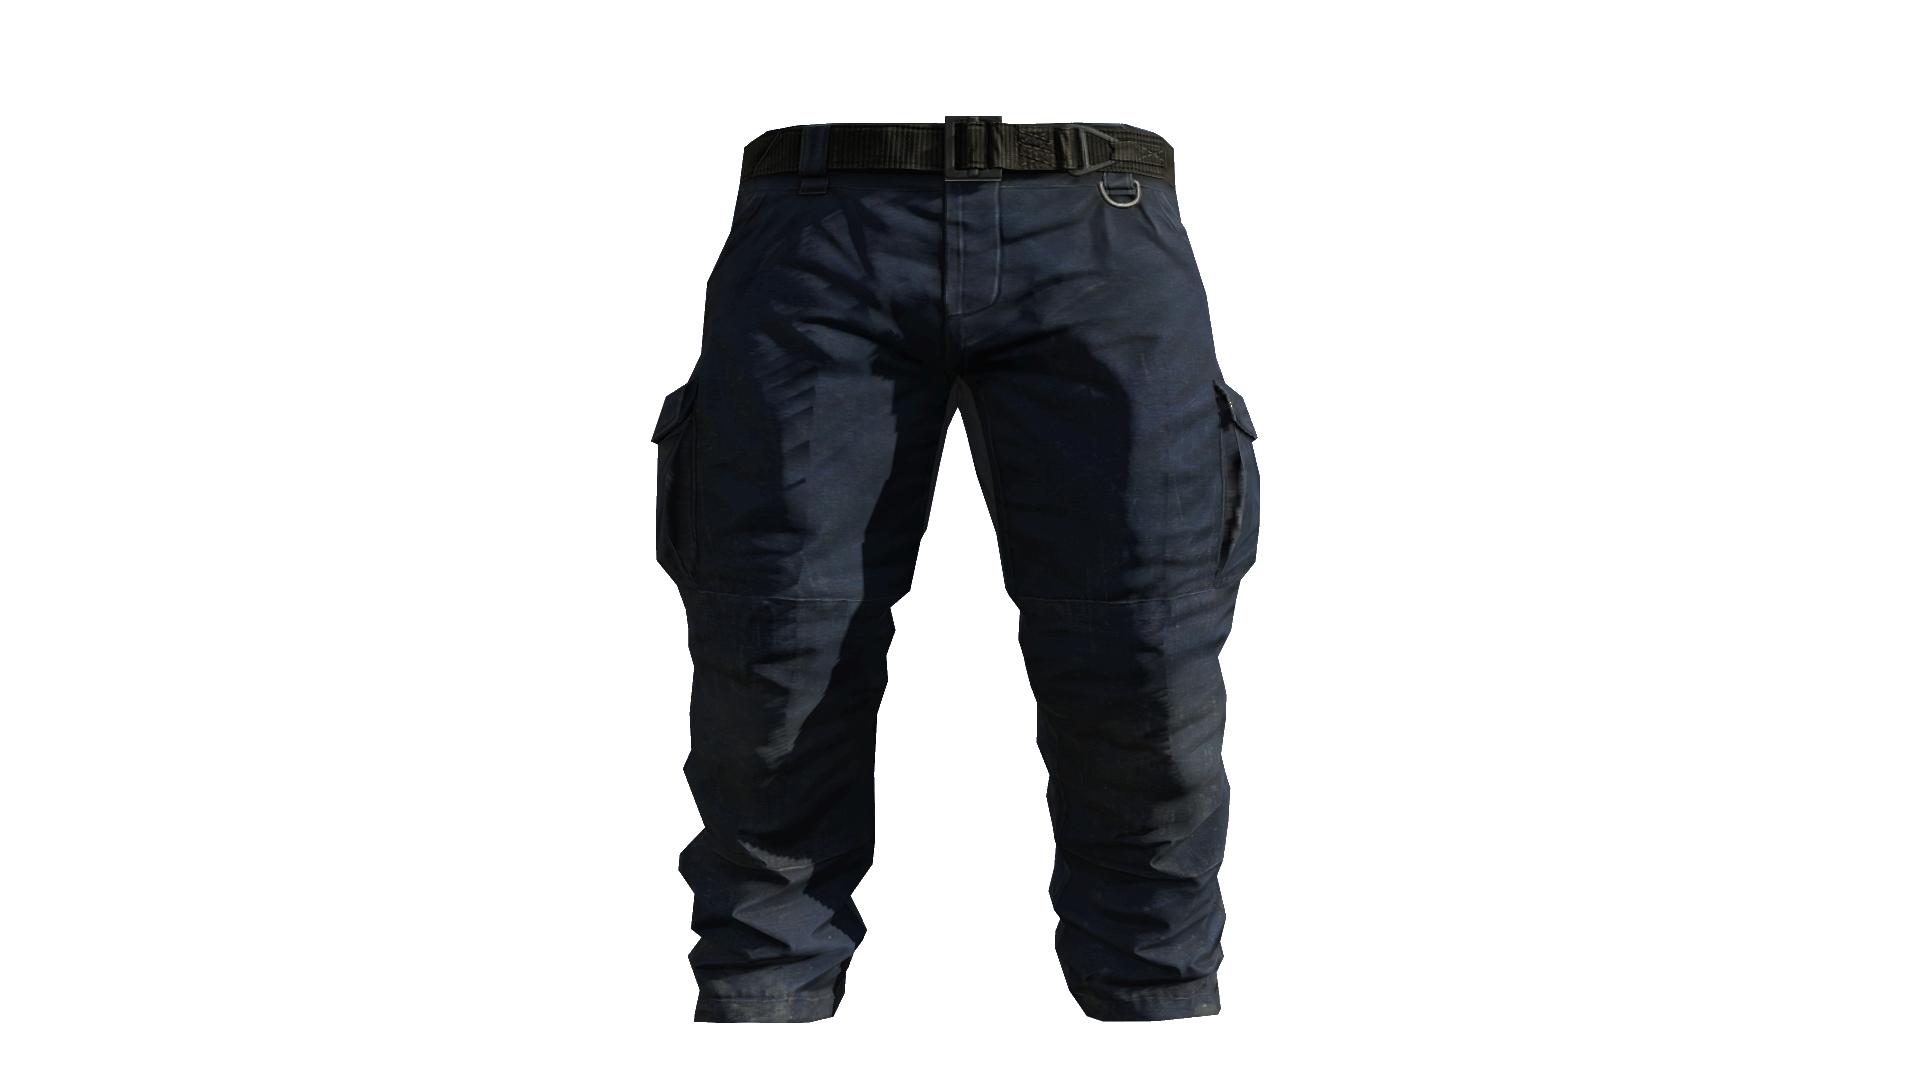 Pants clipart coat pant. Cargo png transparent images